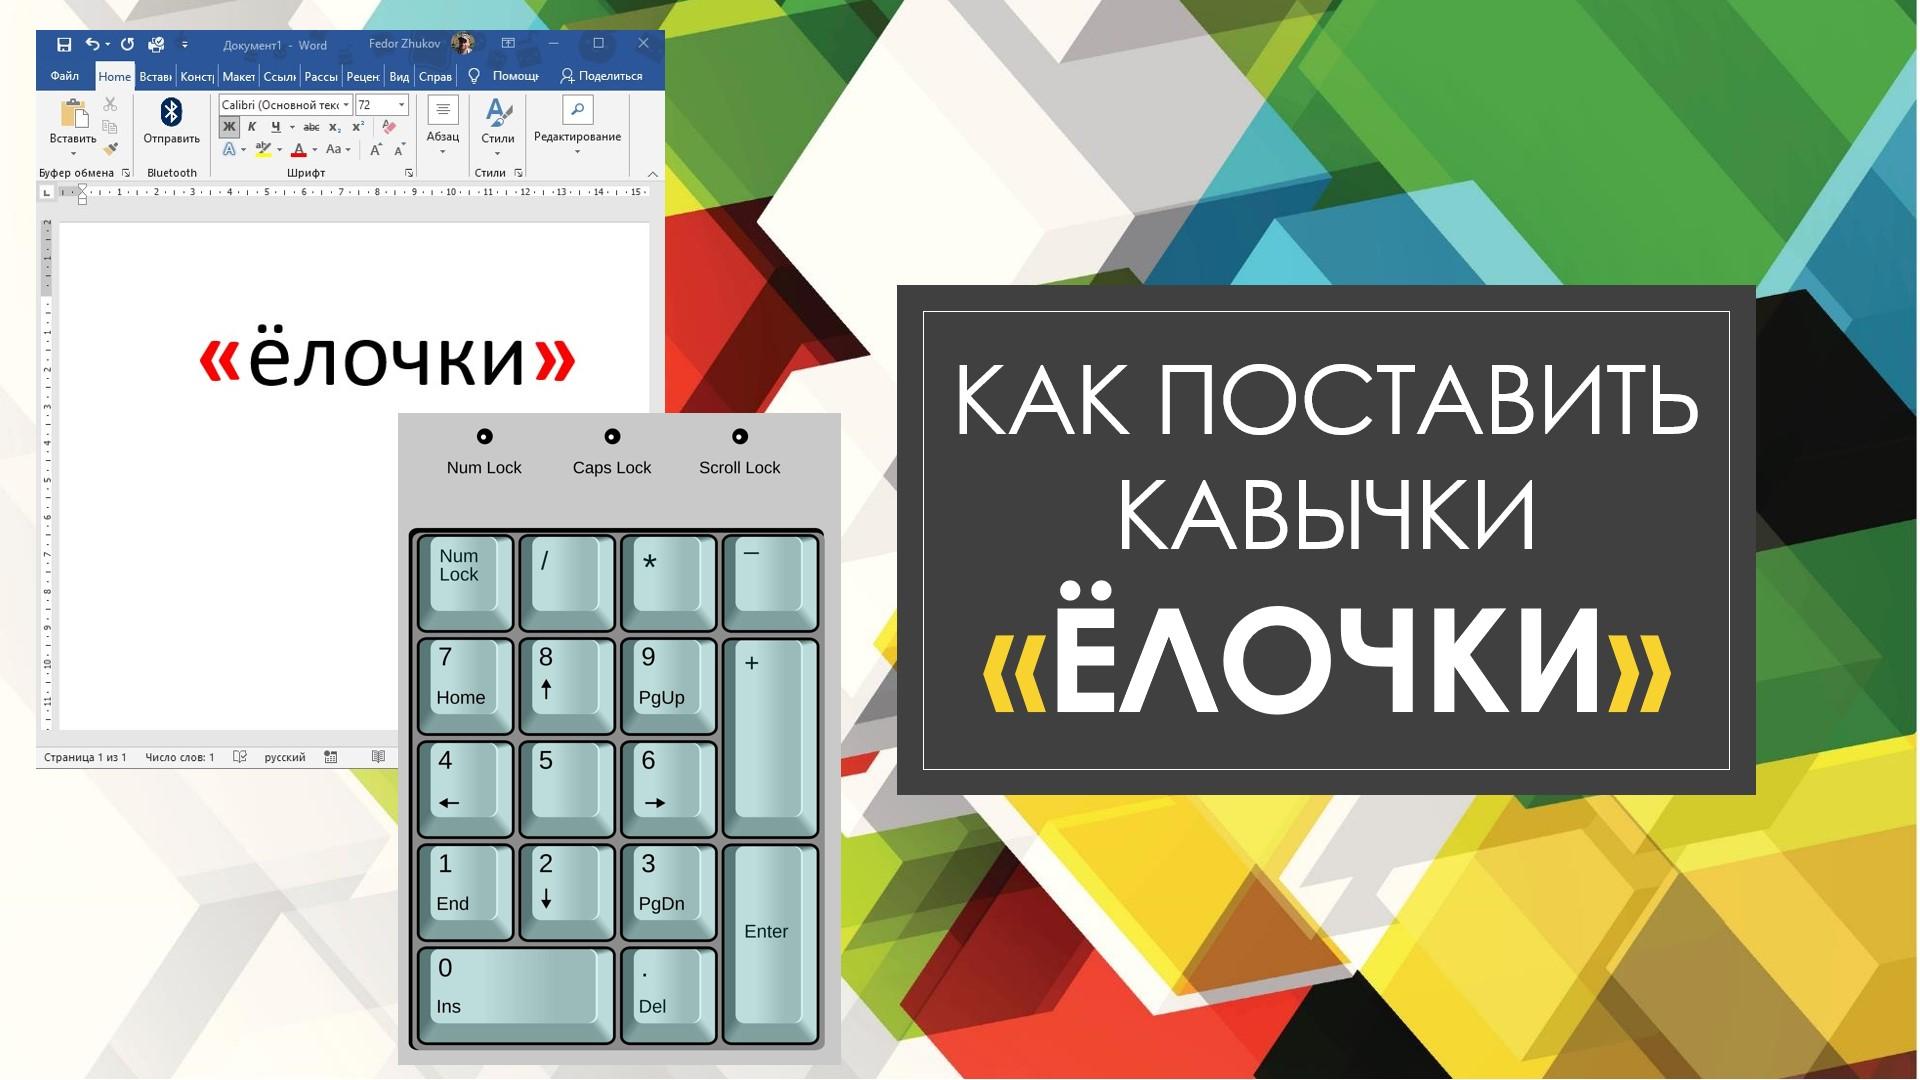 Как поставить кавычки «ЁЛОЧКИ» на Клавиатуре и в Word?